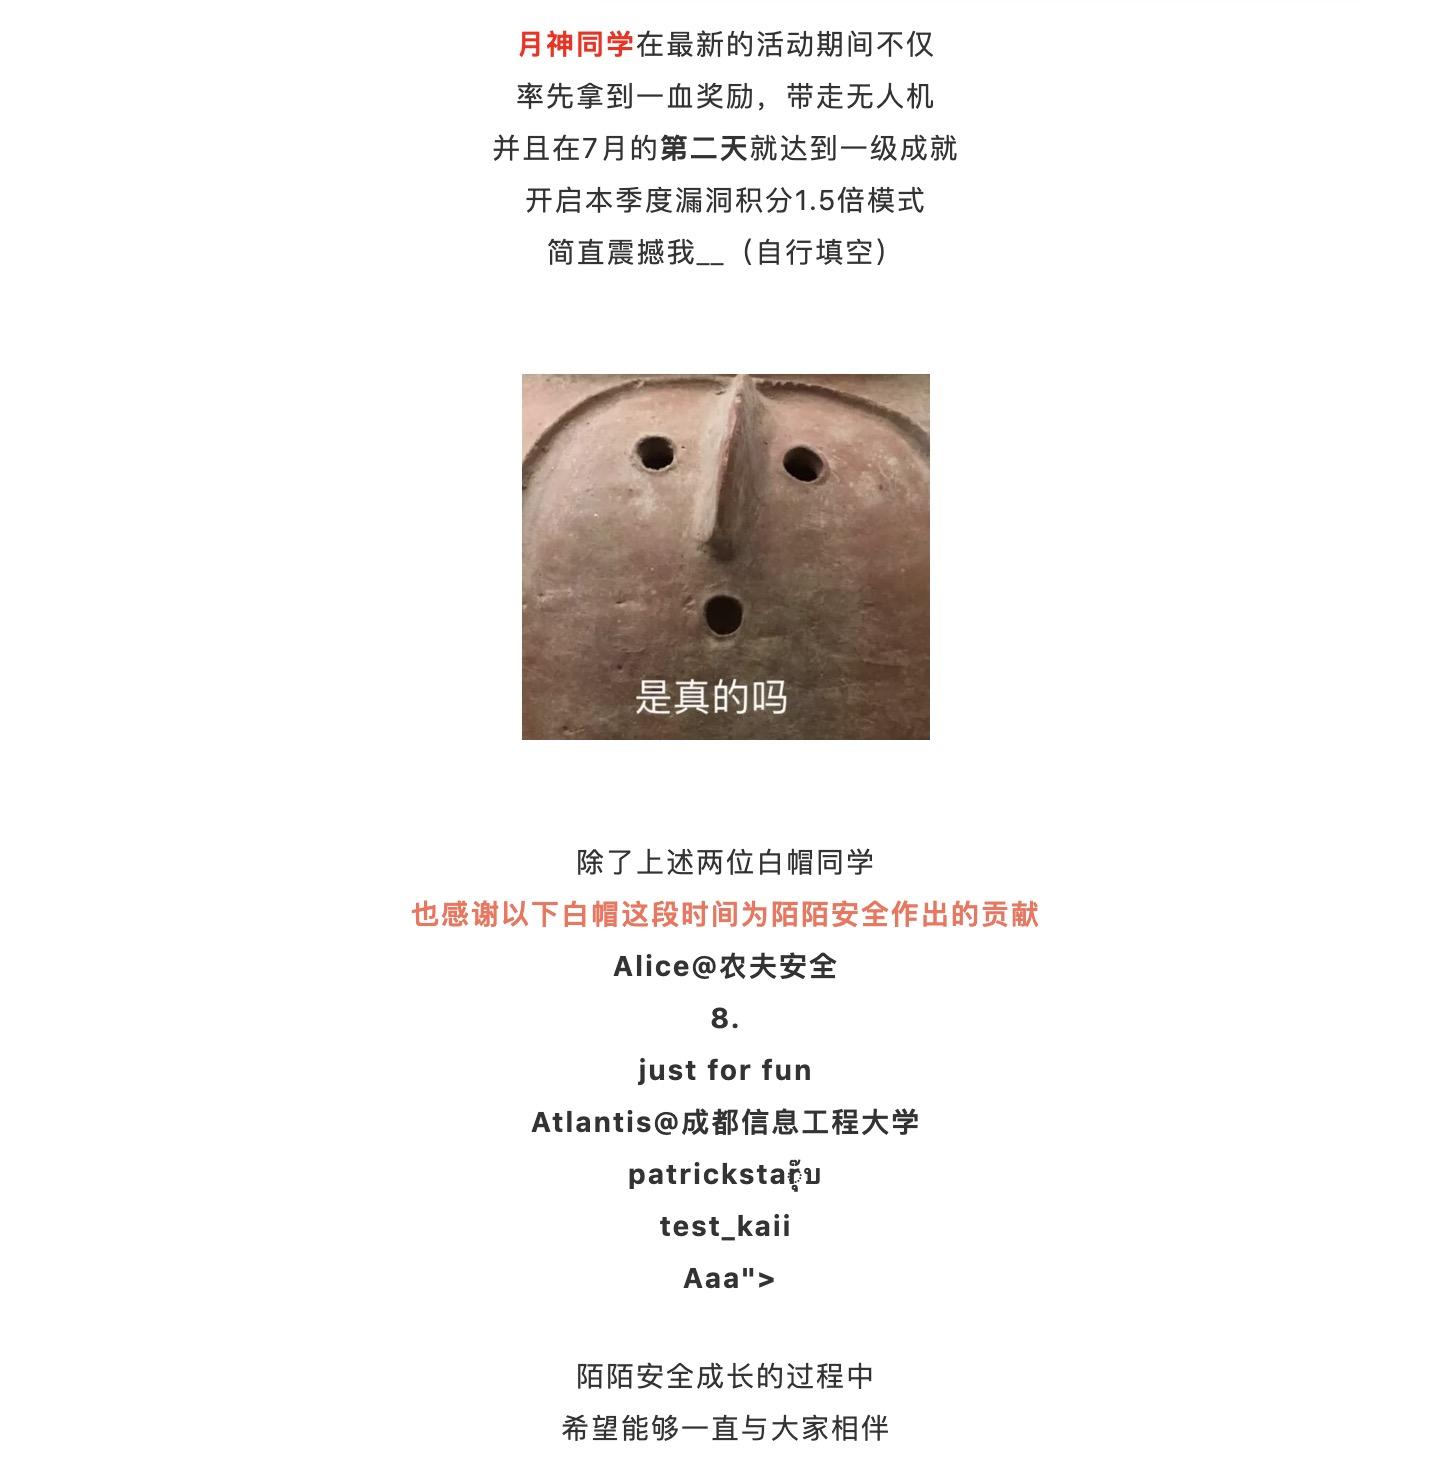 https://momo-mmsrc.oss-cn-hangzhou.aliyuncs.com/img-83f926b6-1a74-3a8d-a29c-c625e65d4833.jpeg